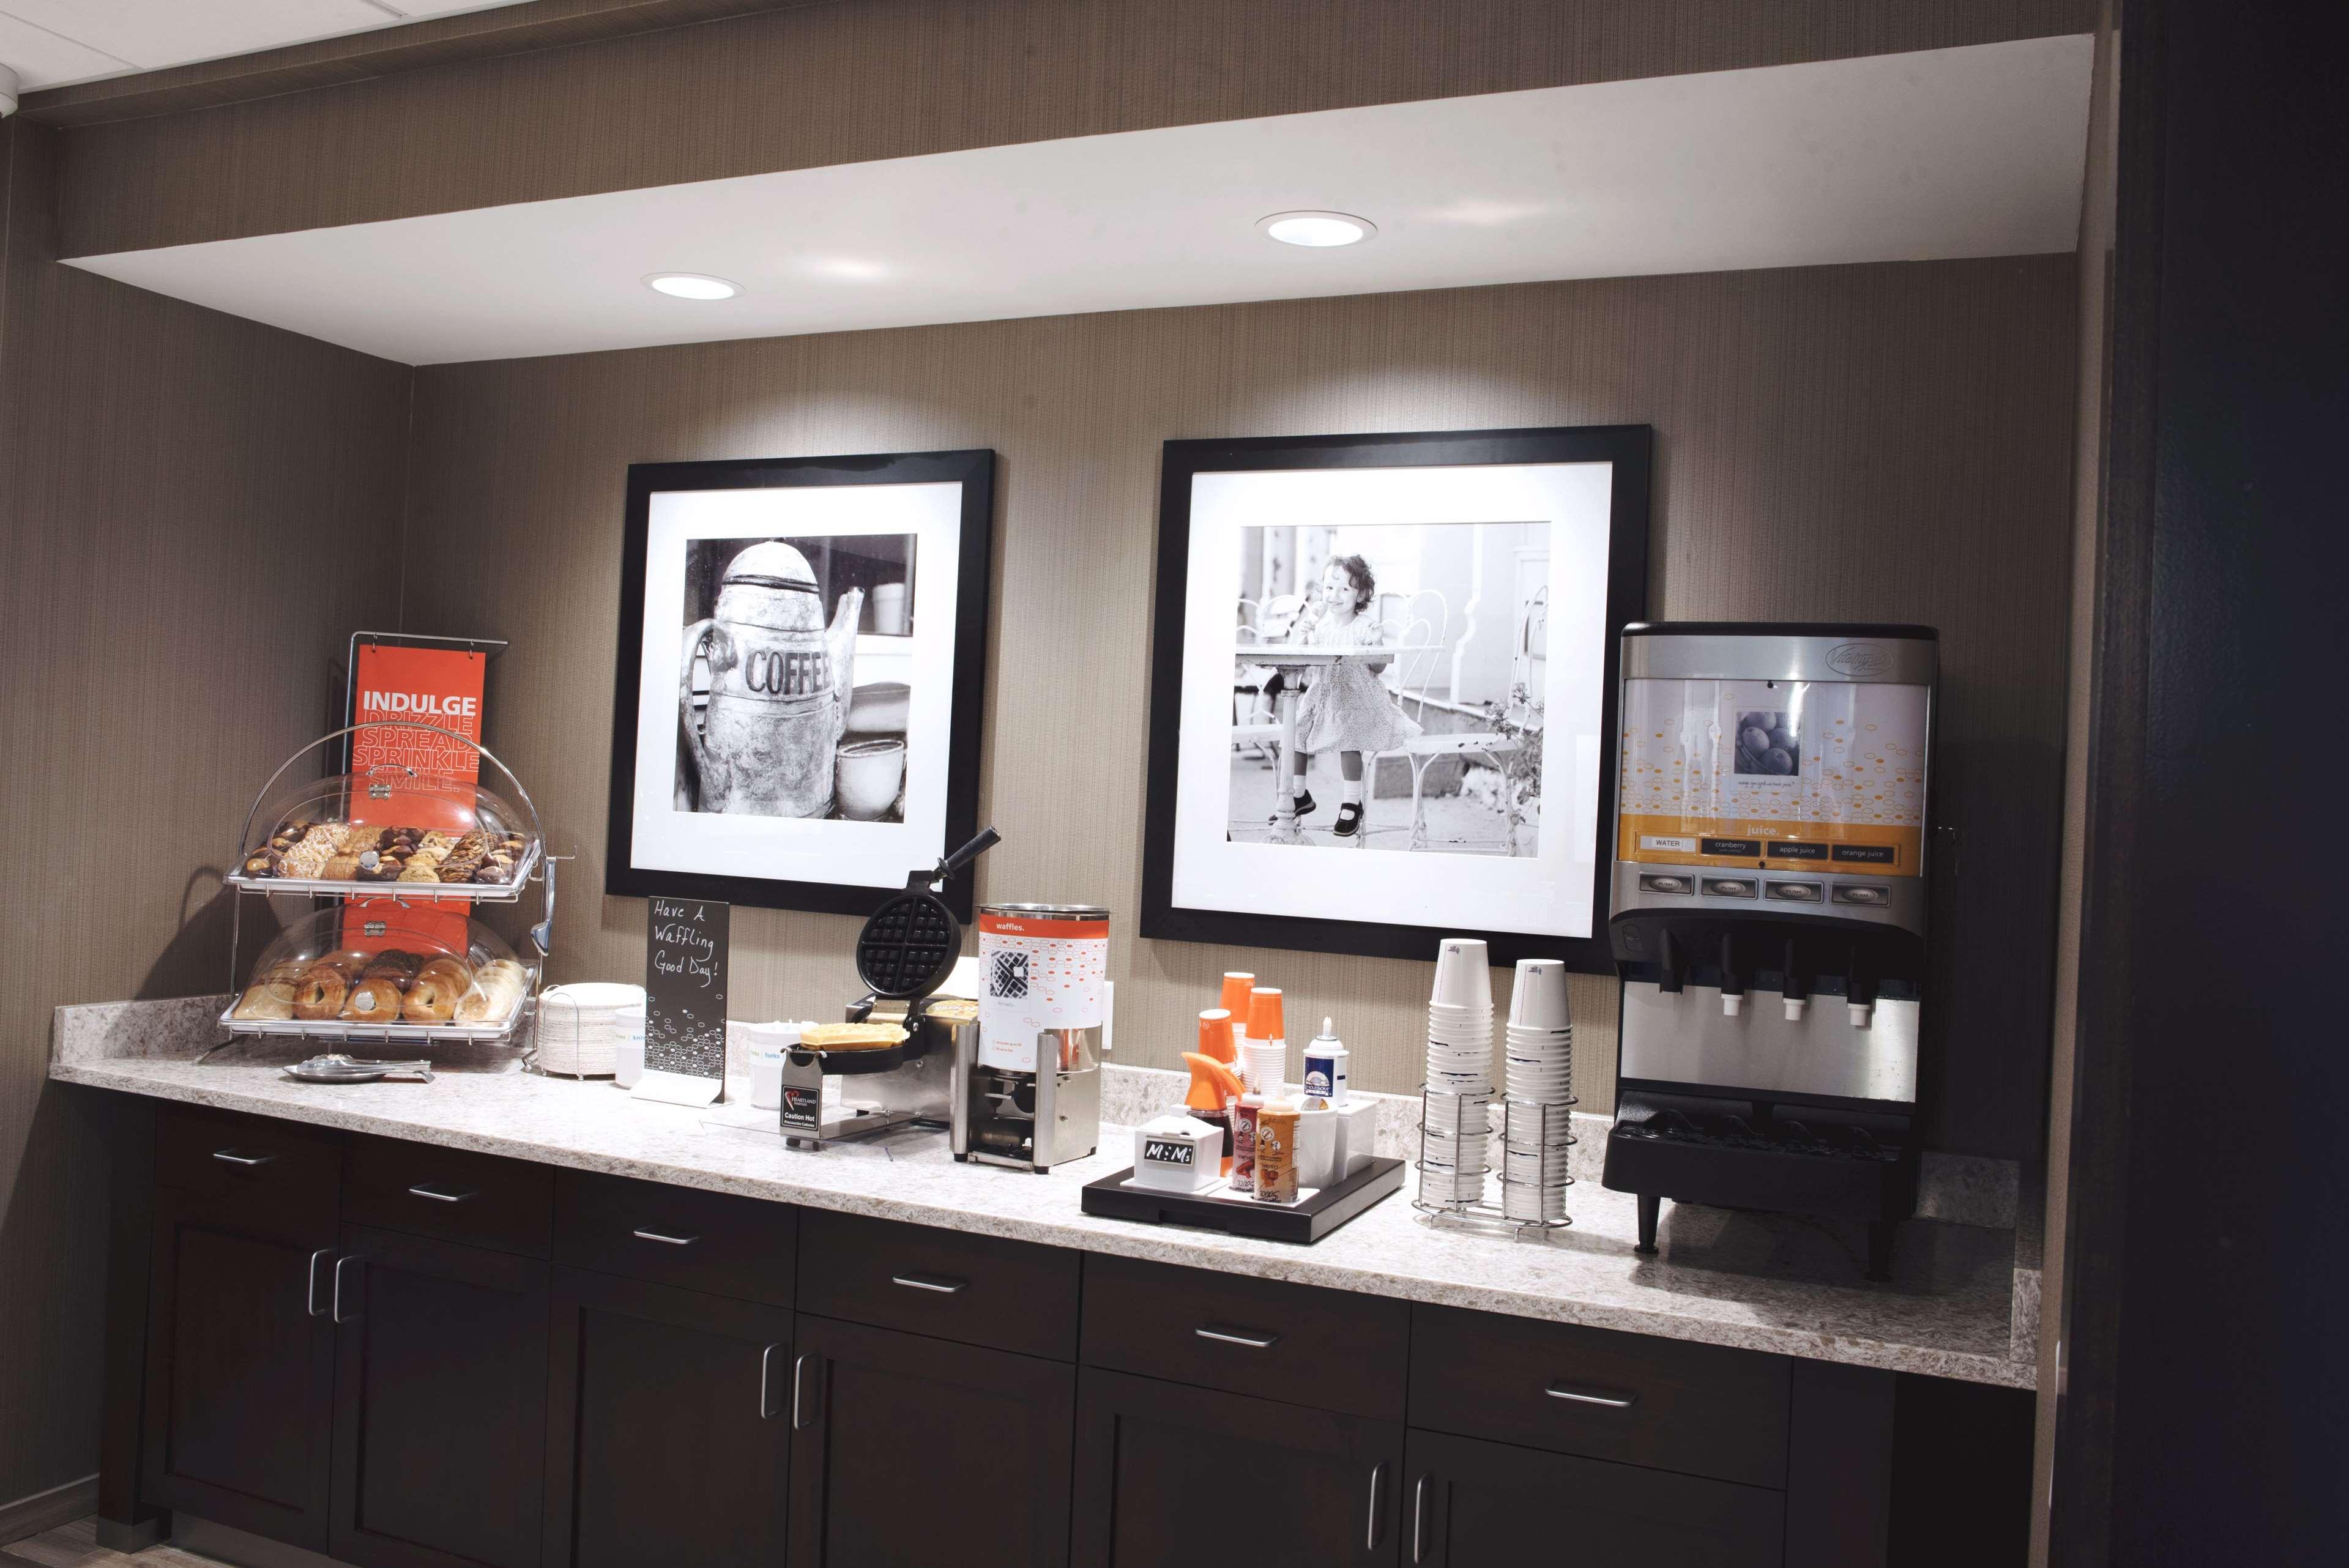 Hampton Inn & Suites Des Moines/Urbandale image 15